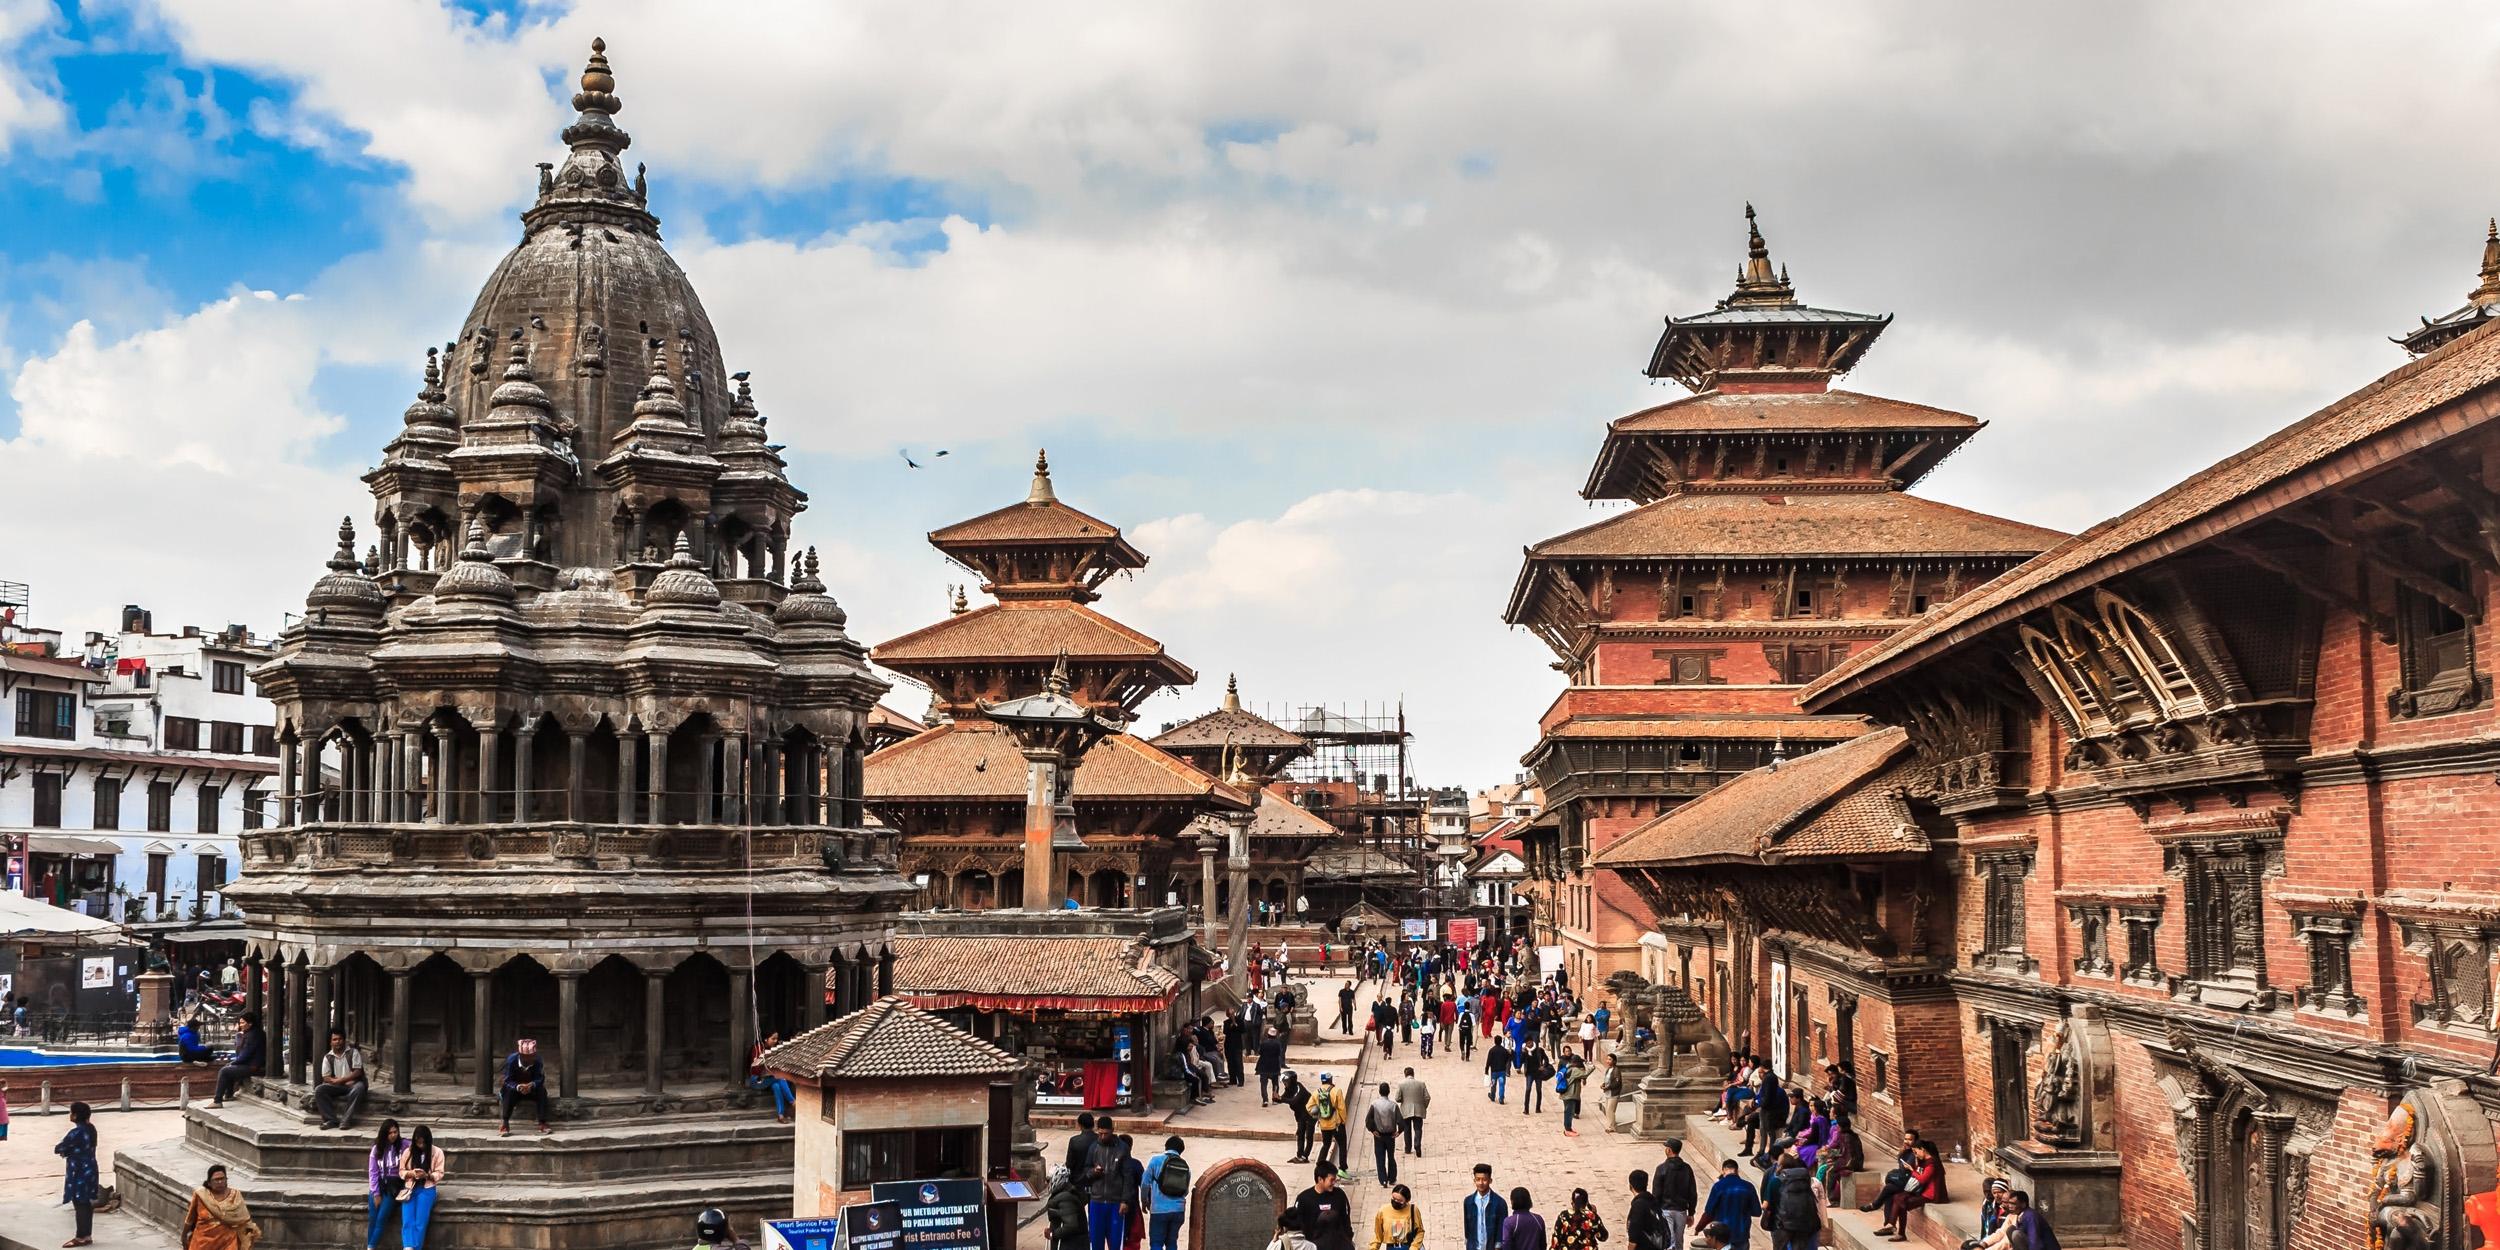 Patan City Day Tour